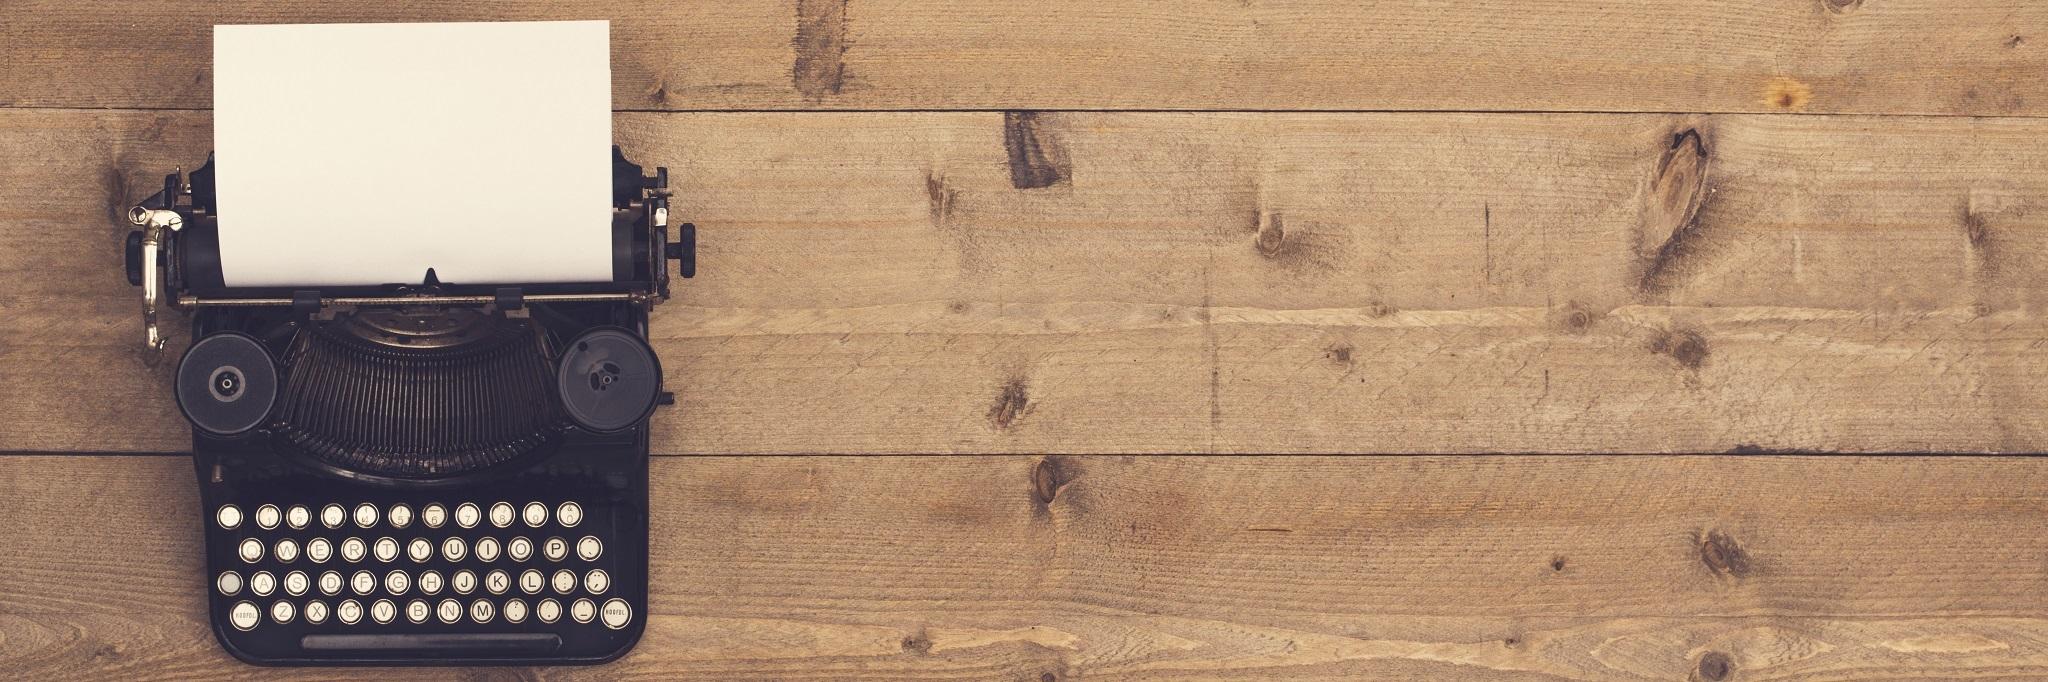 Machine à écrire sur une table en bois